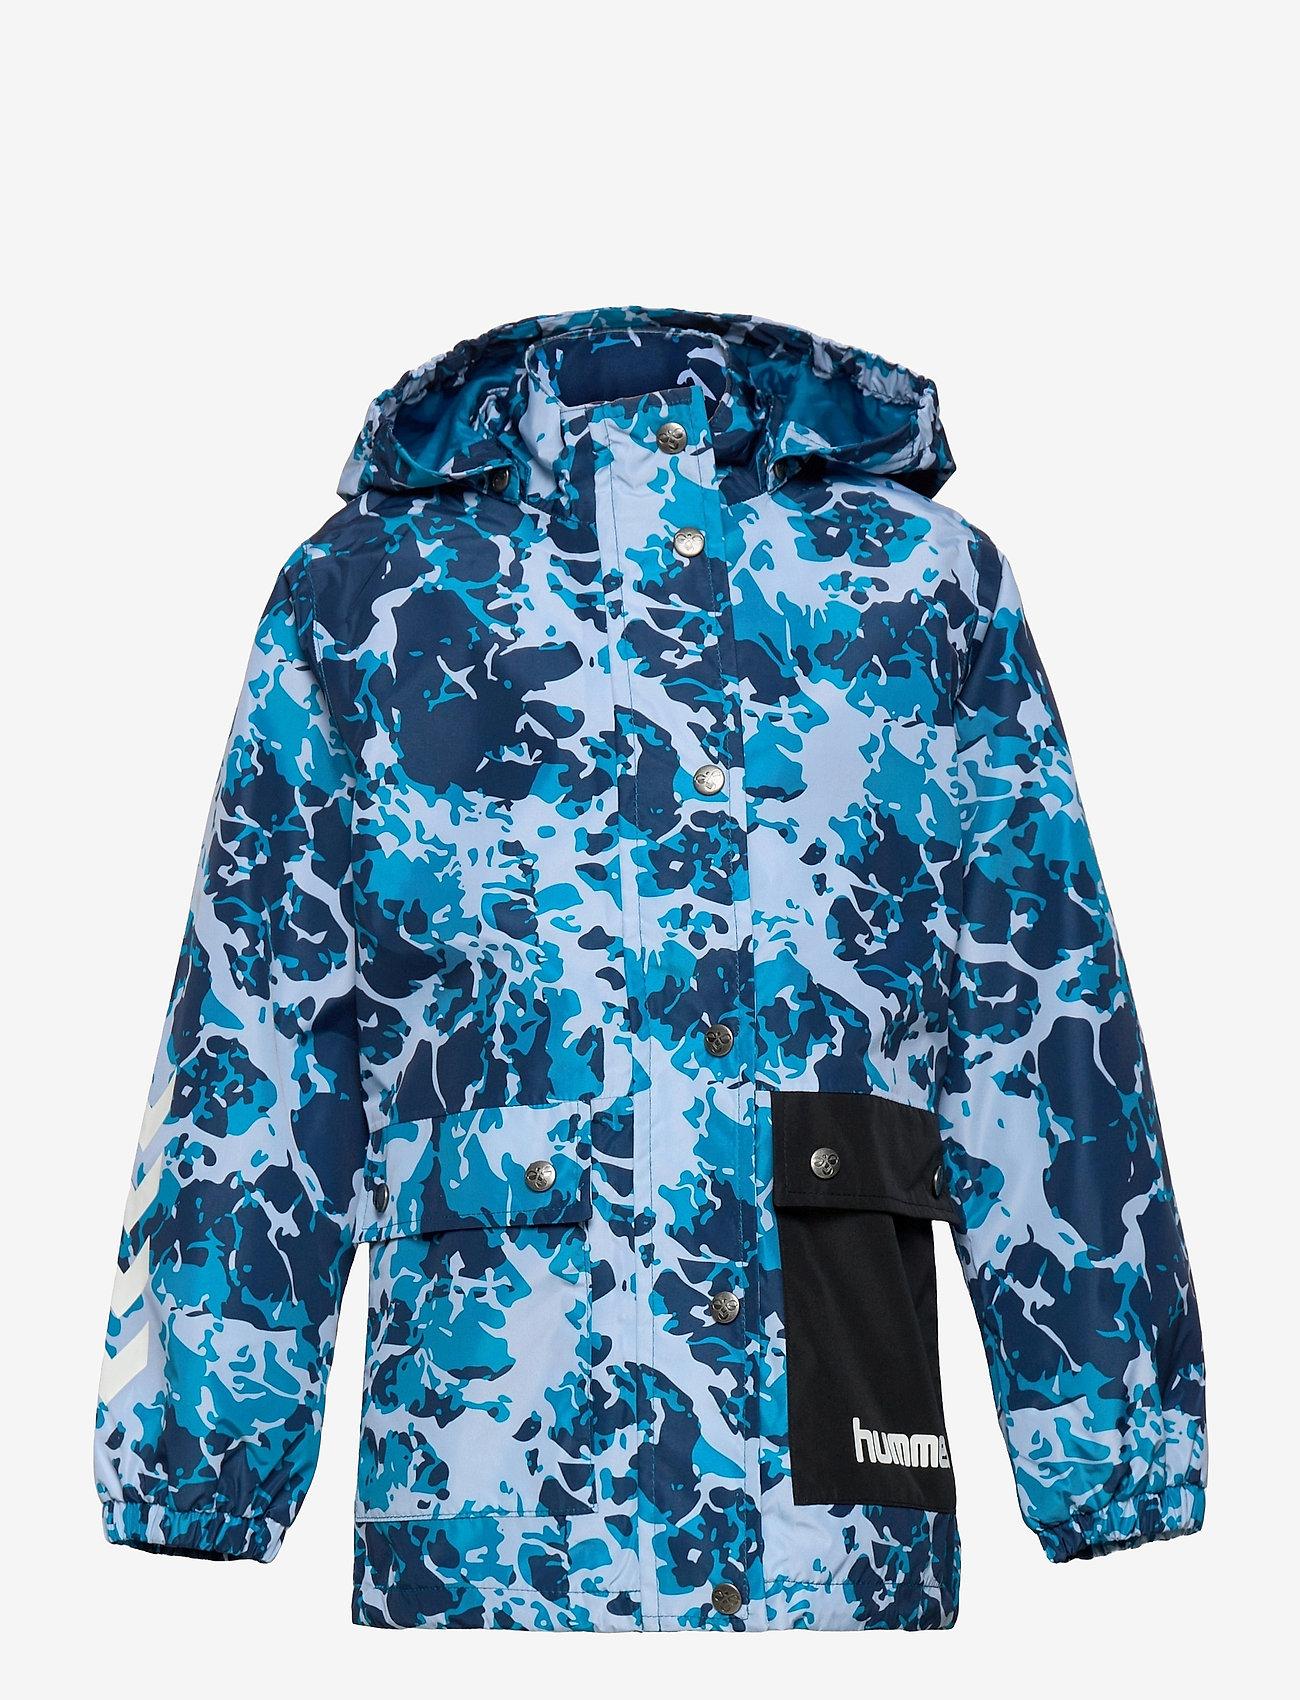 Hummel - hmlLAPLI JACKET - shell & rain jackets - mykonos blue - 0